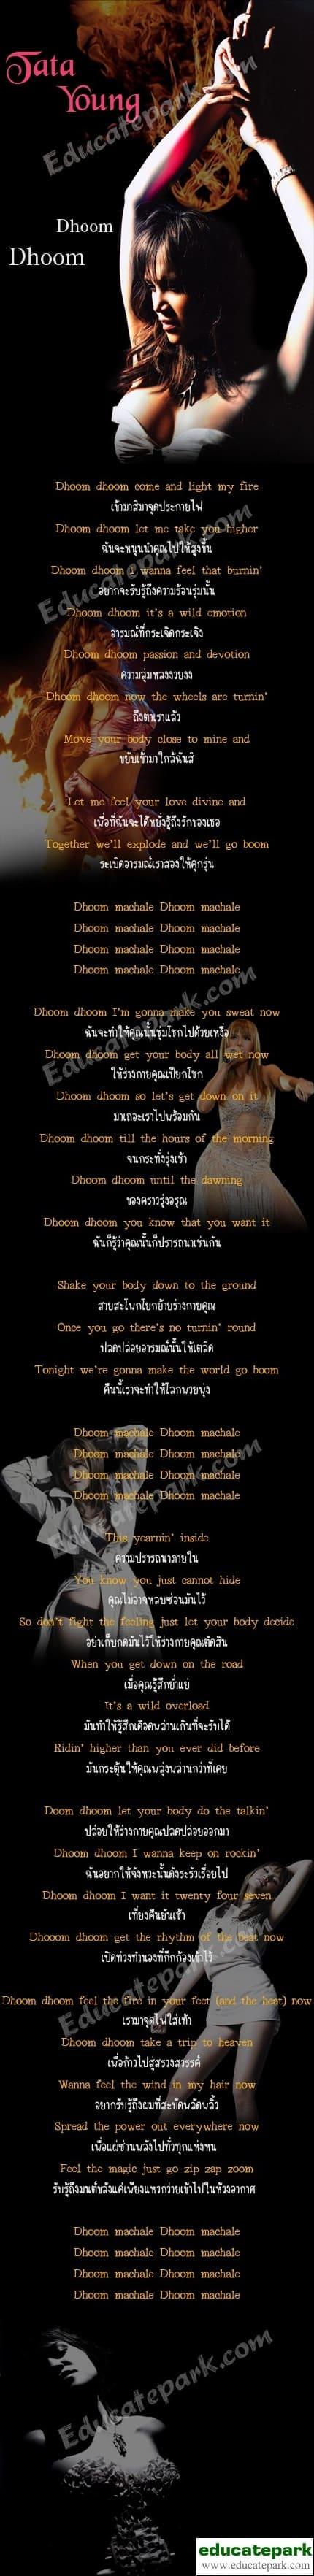 แปลเพลง Dhoom Dhoom - Tata Young